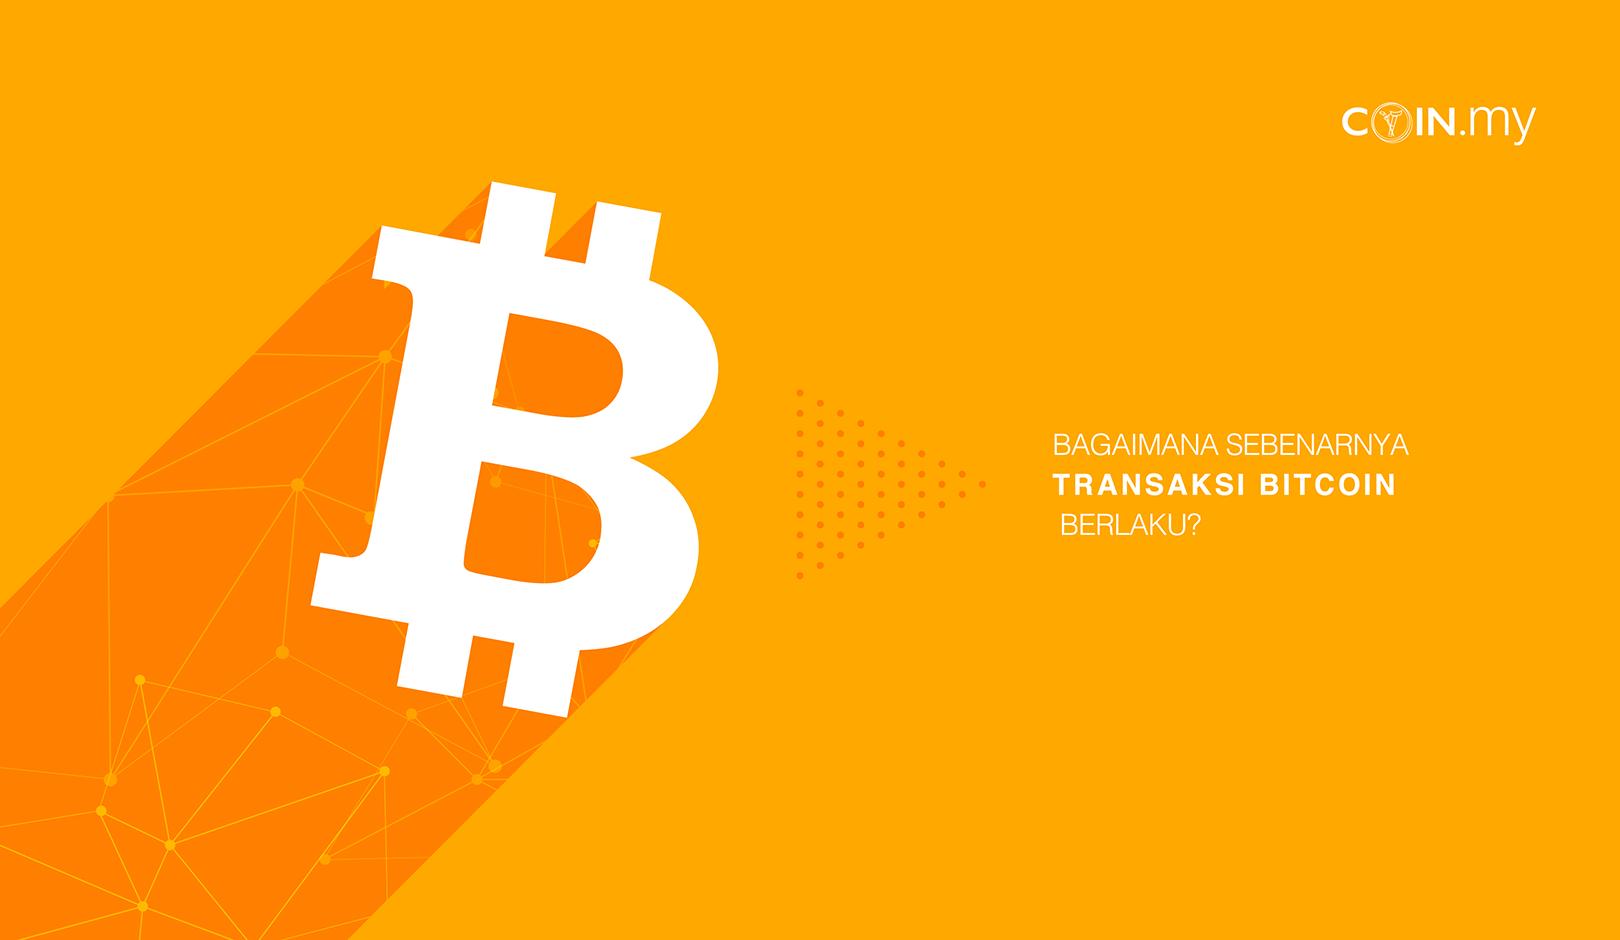 Mau Coba Investasi Bitcoin? Perhatikan Dulu Fakta dan Risikonya Berikut Ini - cryptonews.id